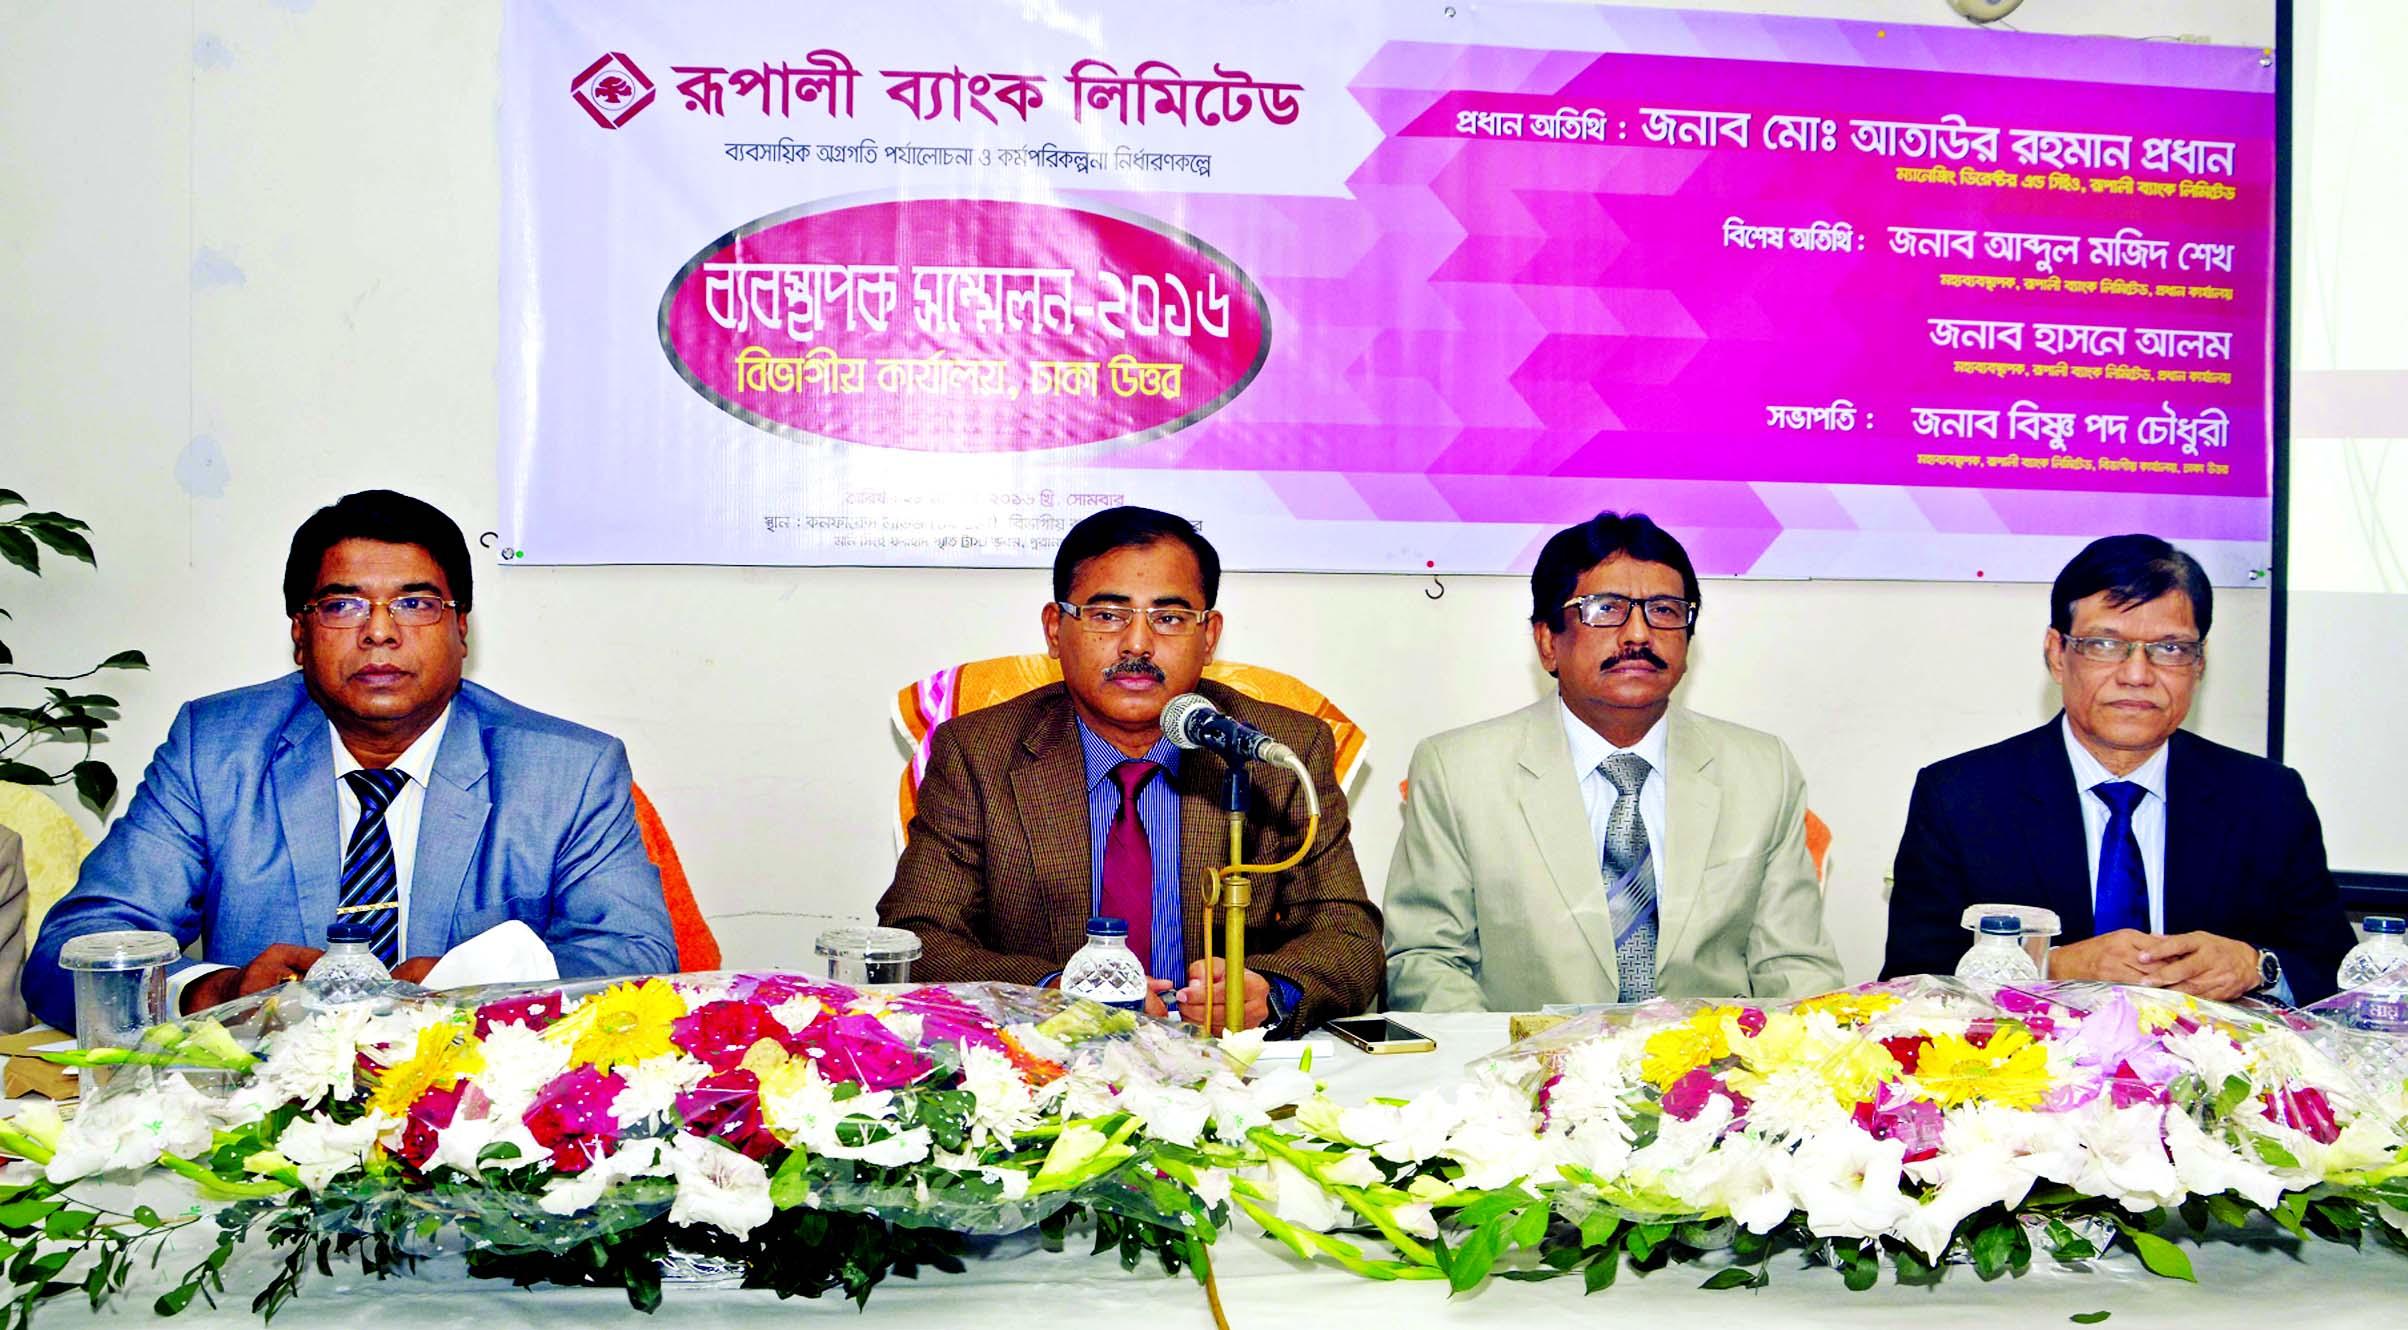 Md Ataur Rahman Prodhan, Managing Director of Rupali Bank Ltd ...